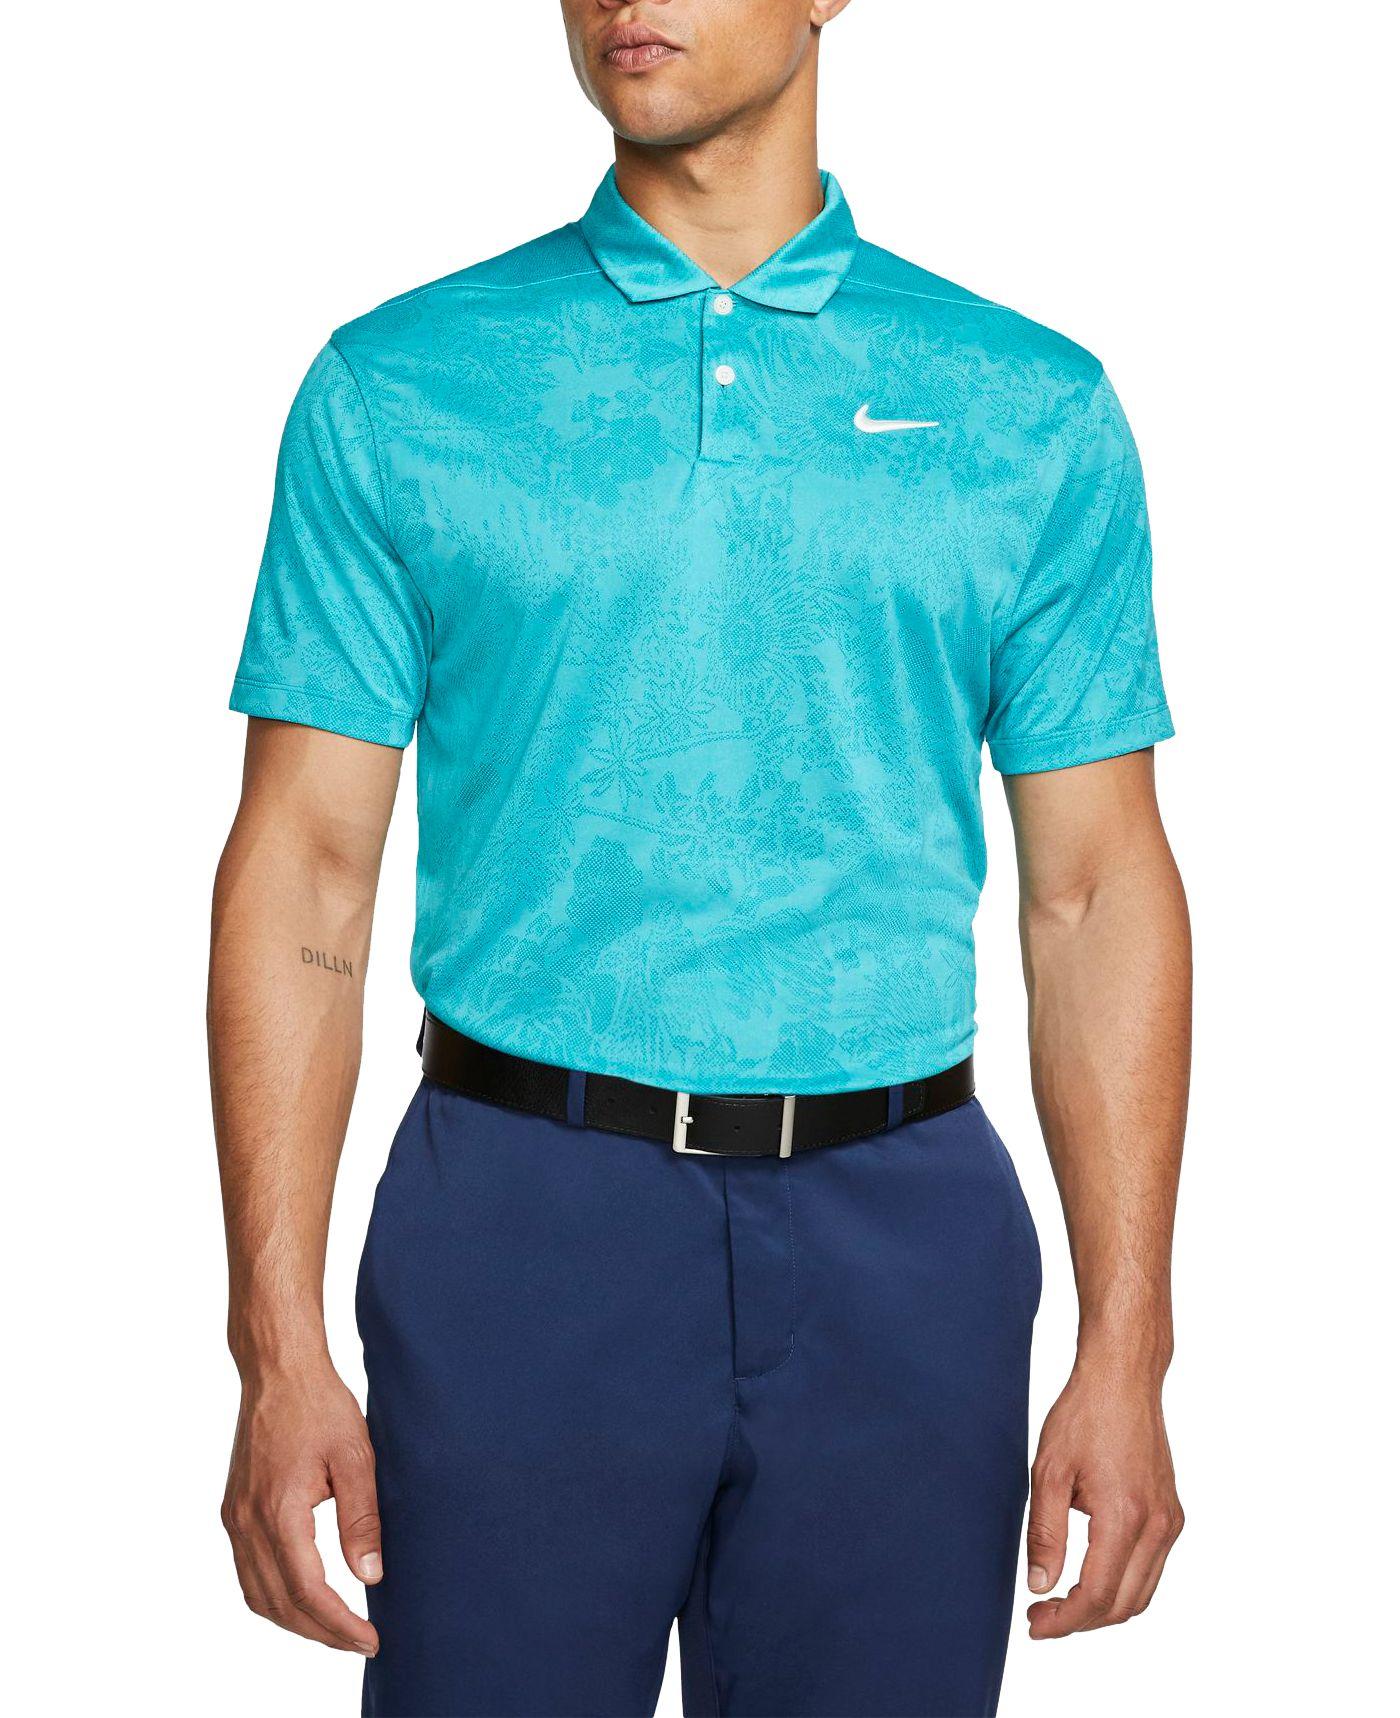 Nike Men's Vapor Jacquard Golf Polo